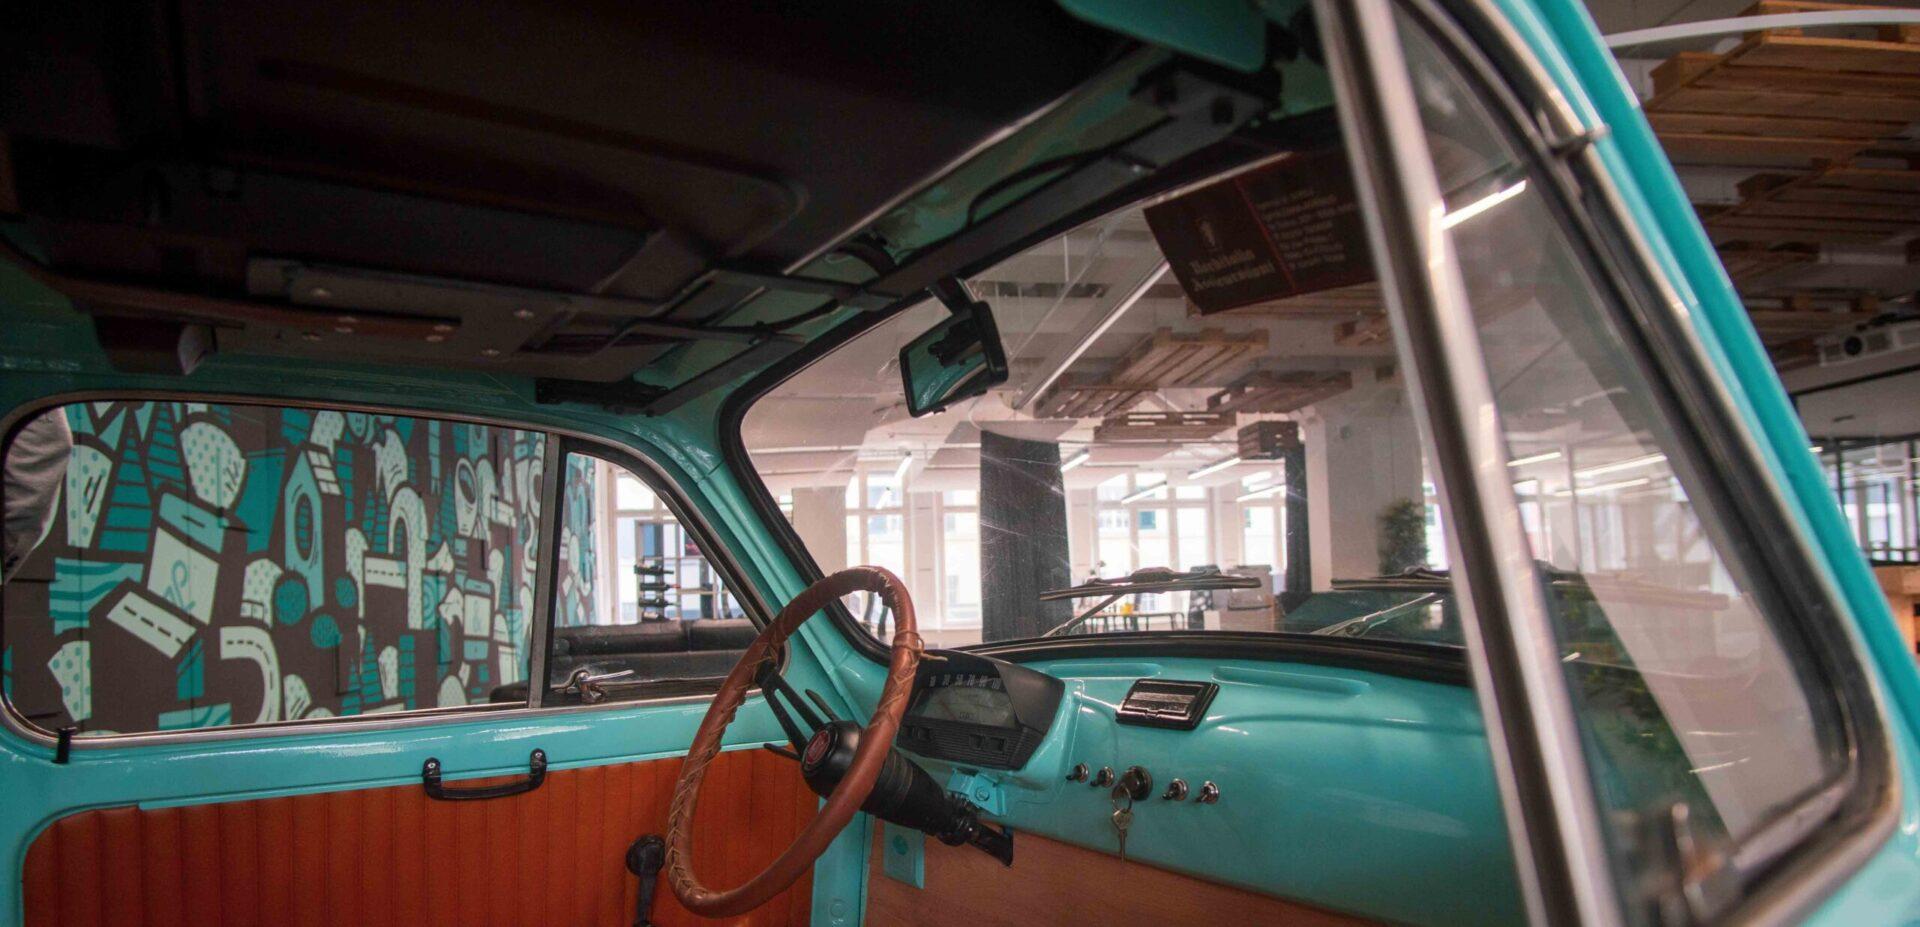 Innensicht des Fiat 500 im Büro von ads&figures